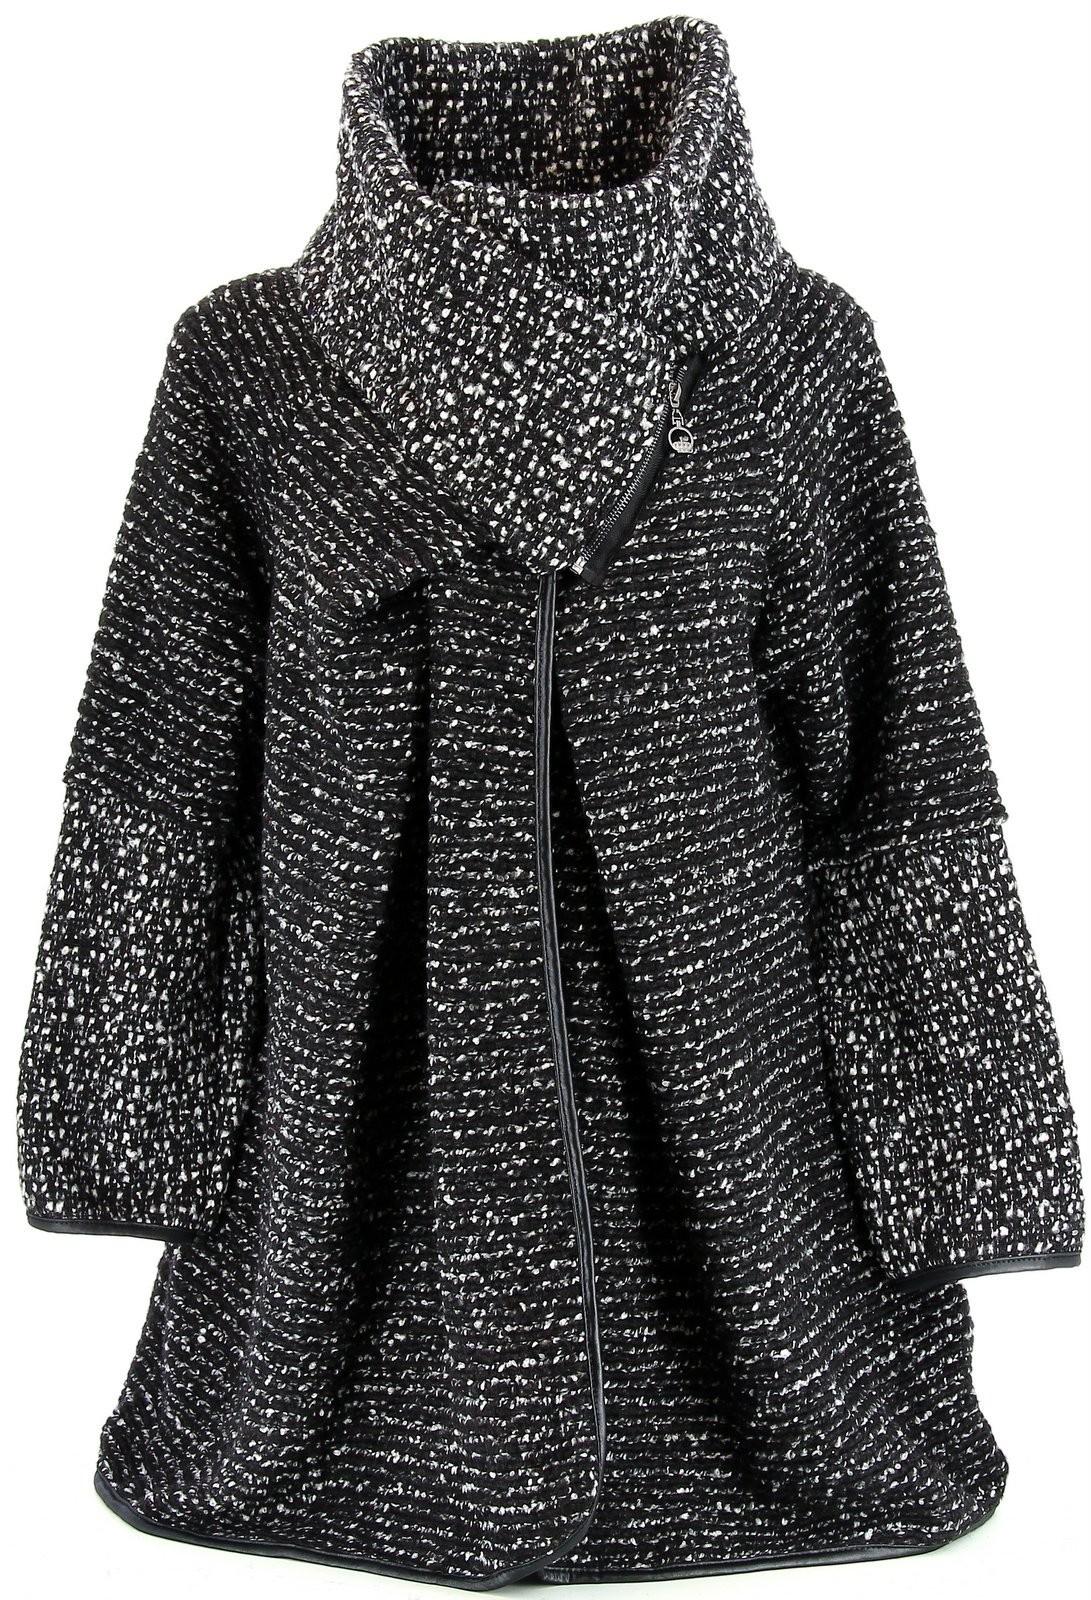 Manteau laine bouillie femme occasion